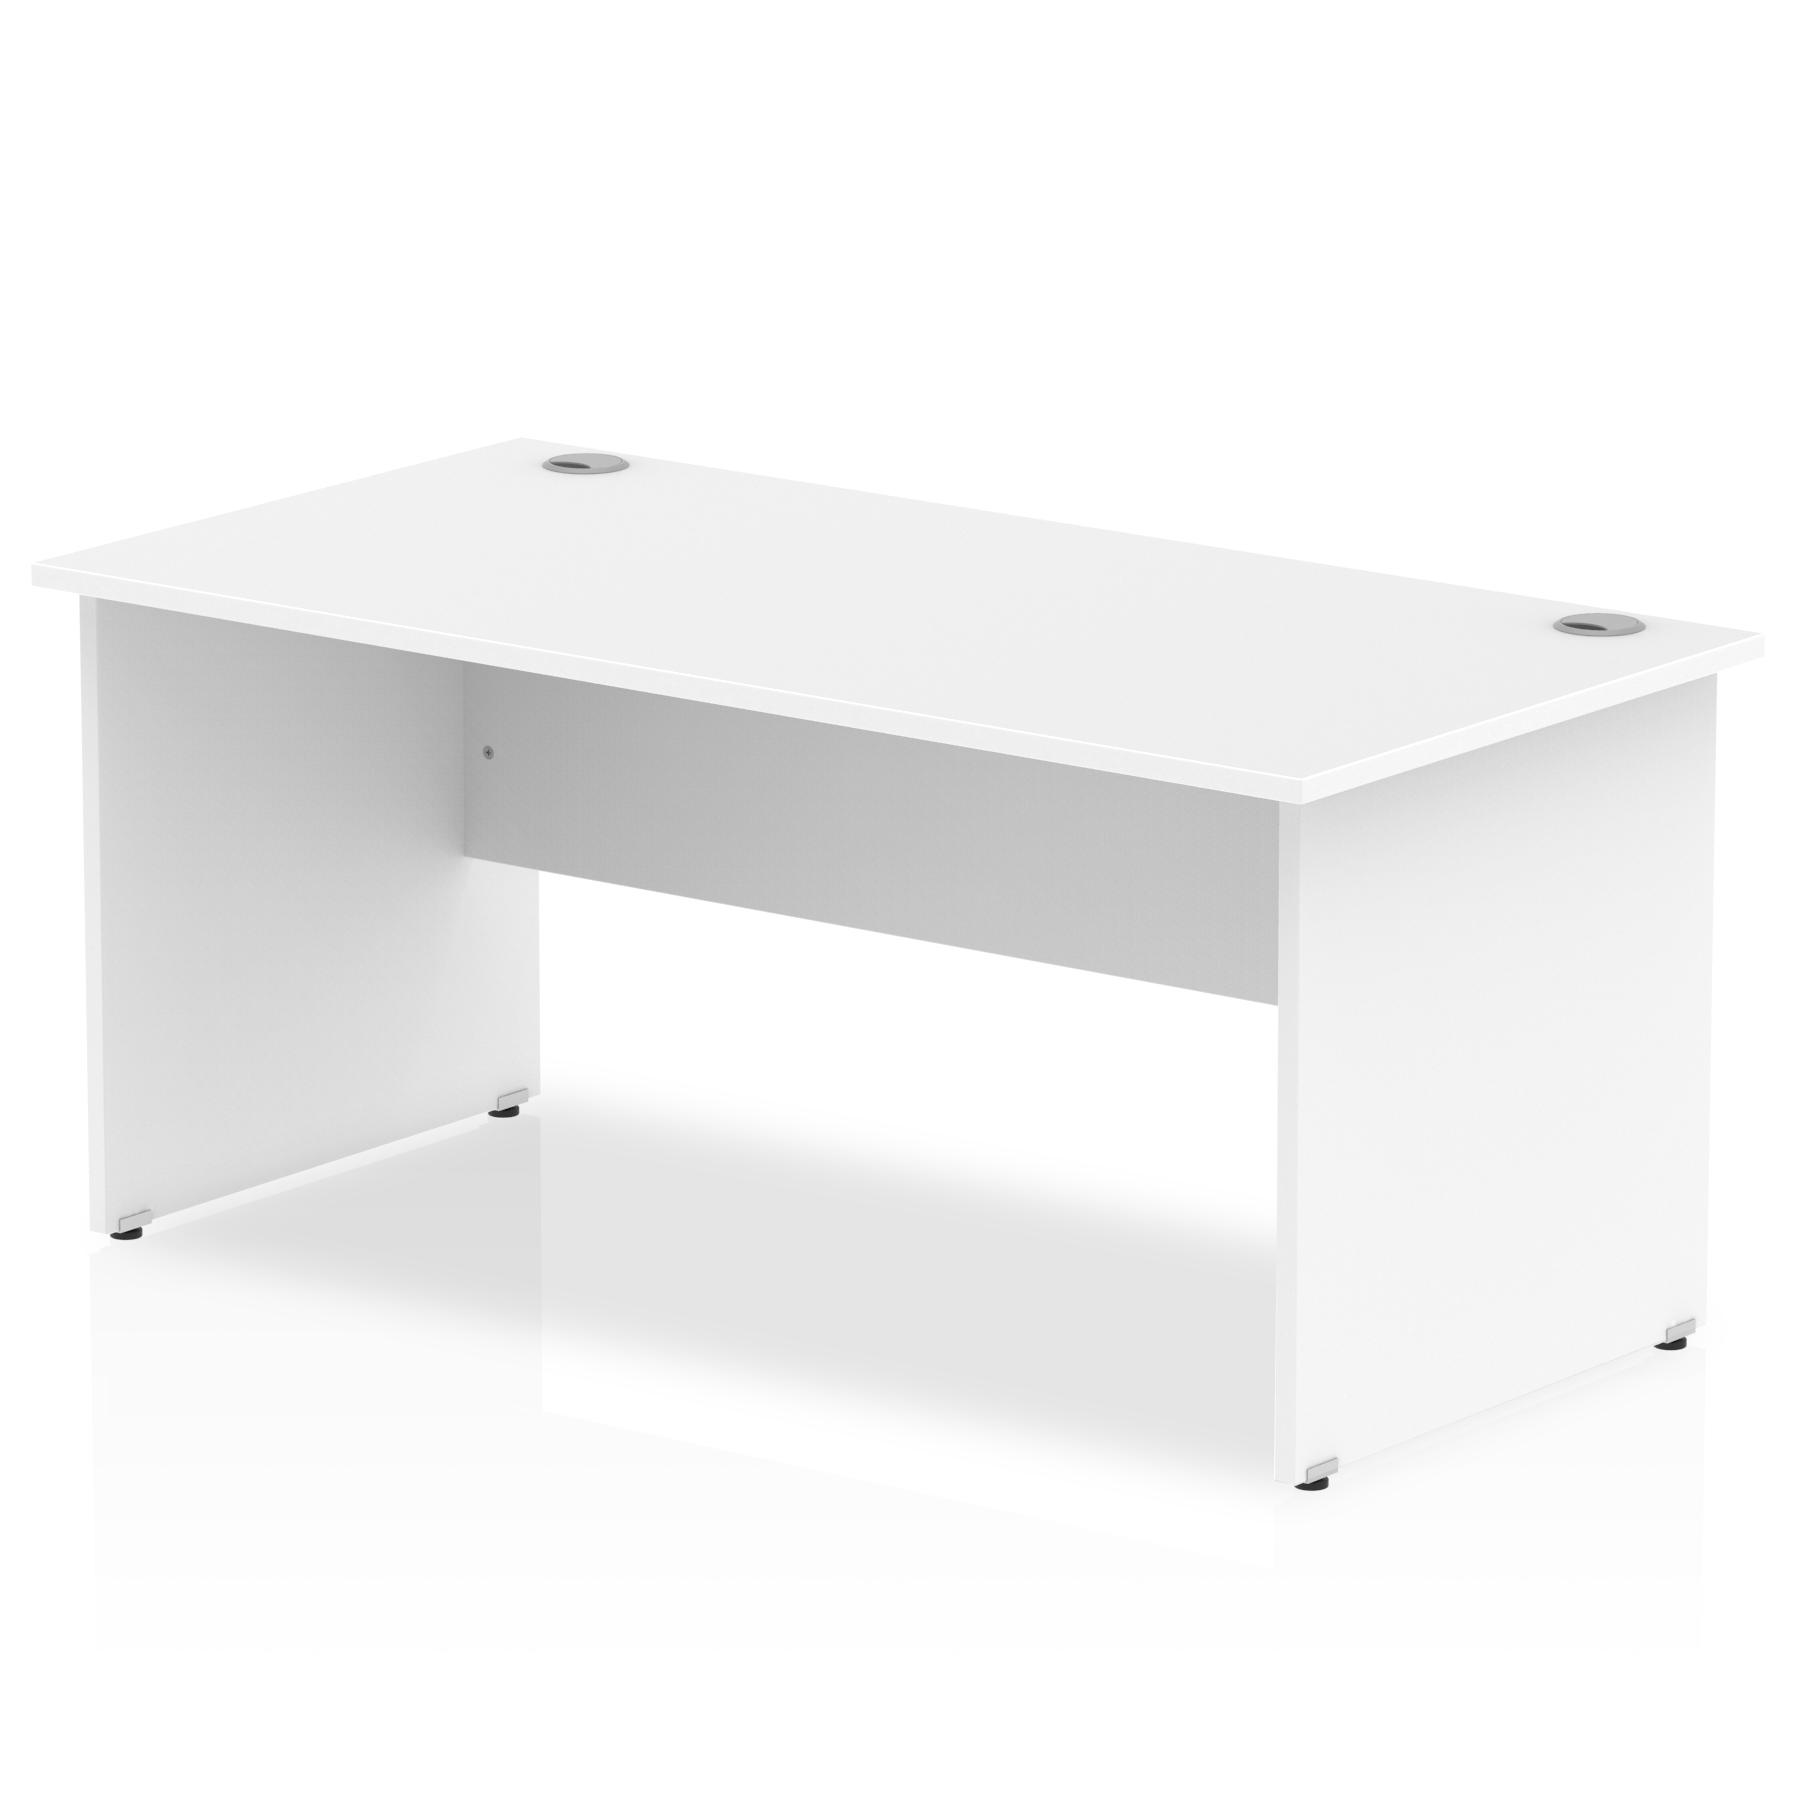 Rectangular Desks Impulse 1800 x 800mm Straight Desk White Top Panel End Leg I000396